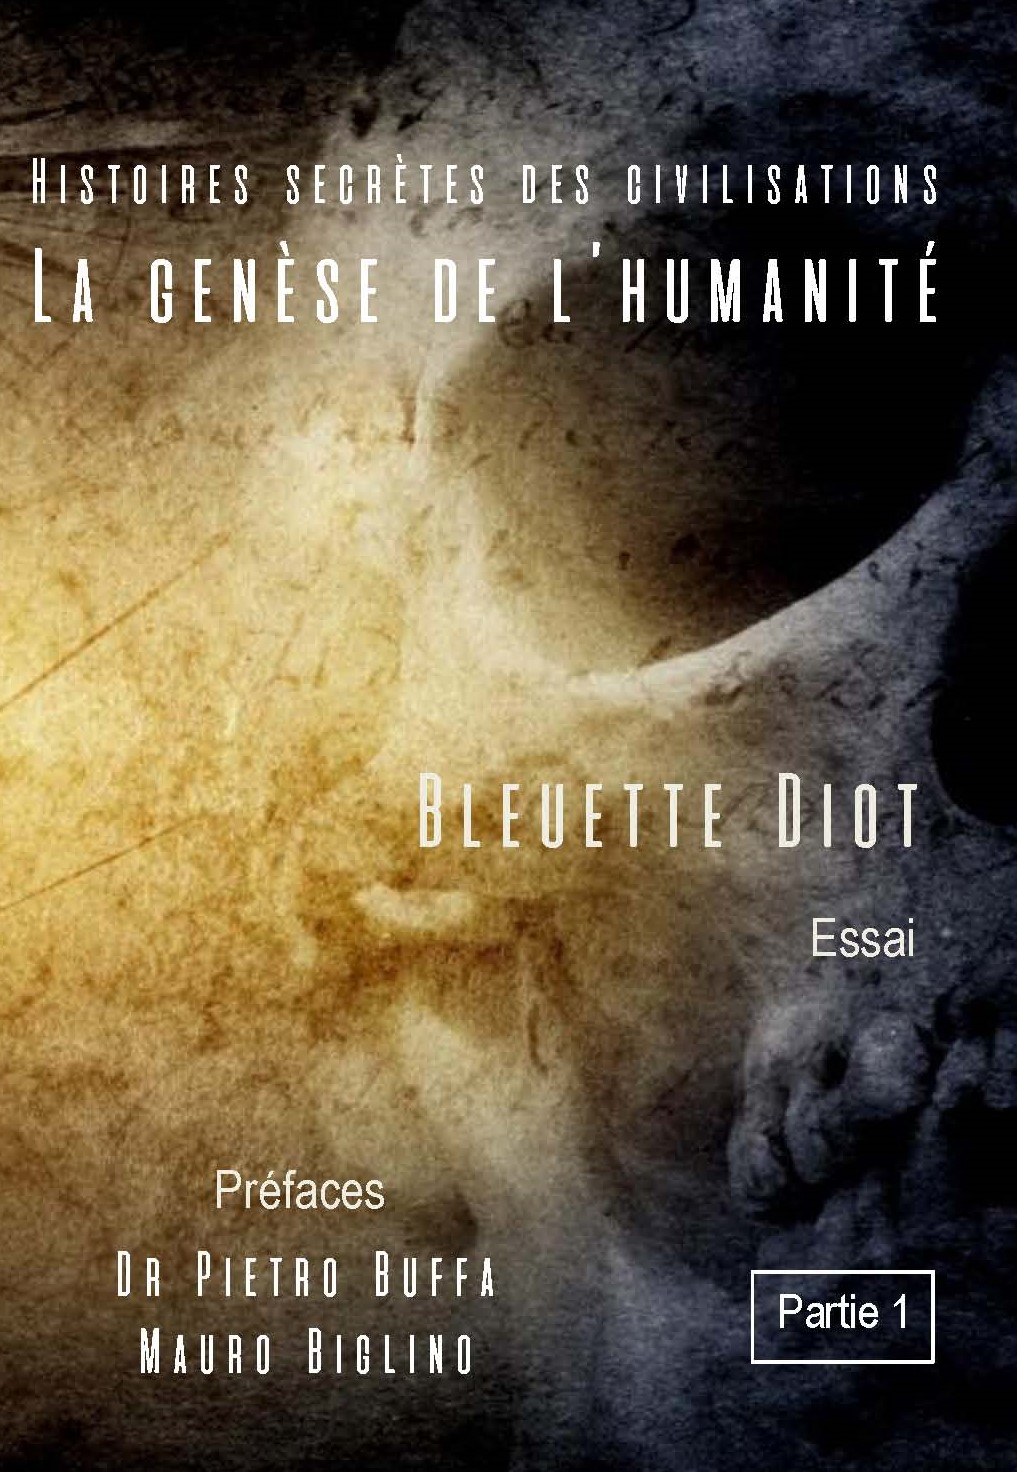 LA GENESE DE L'HUMANITE